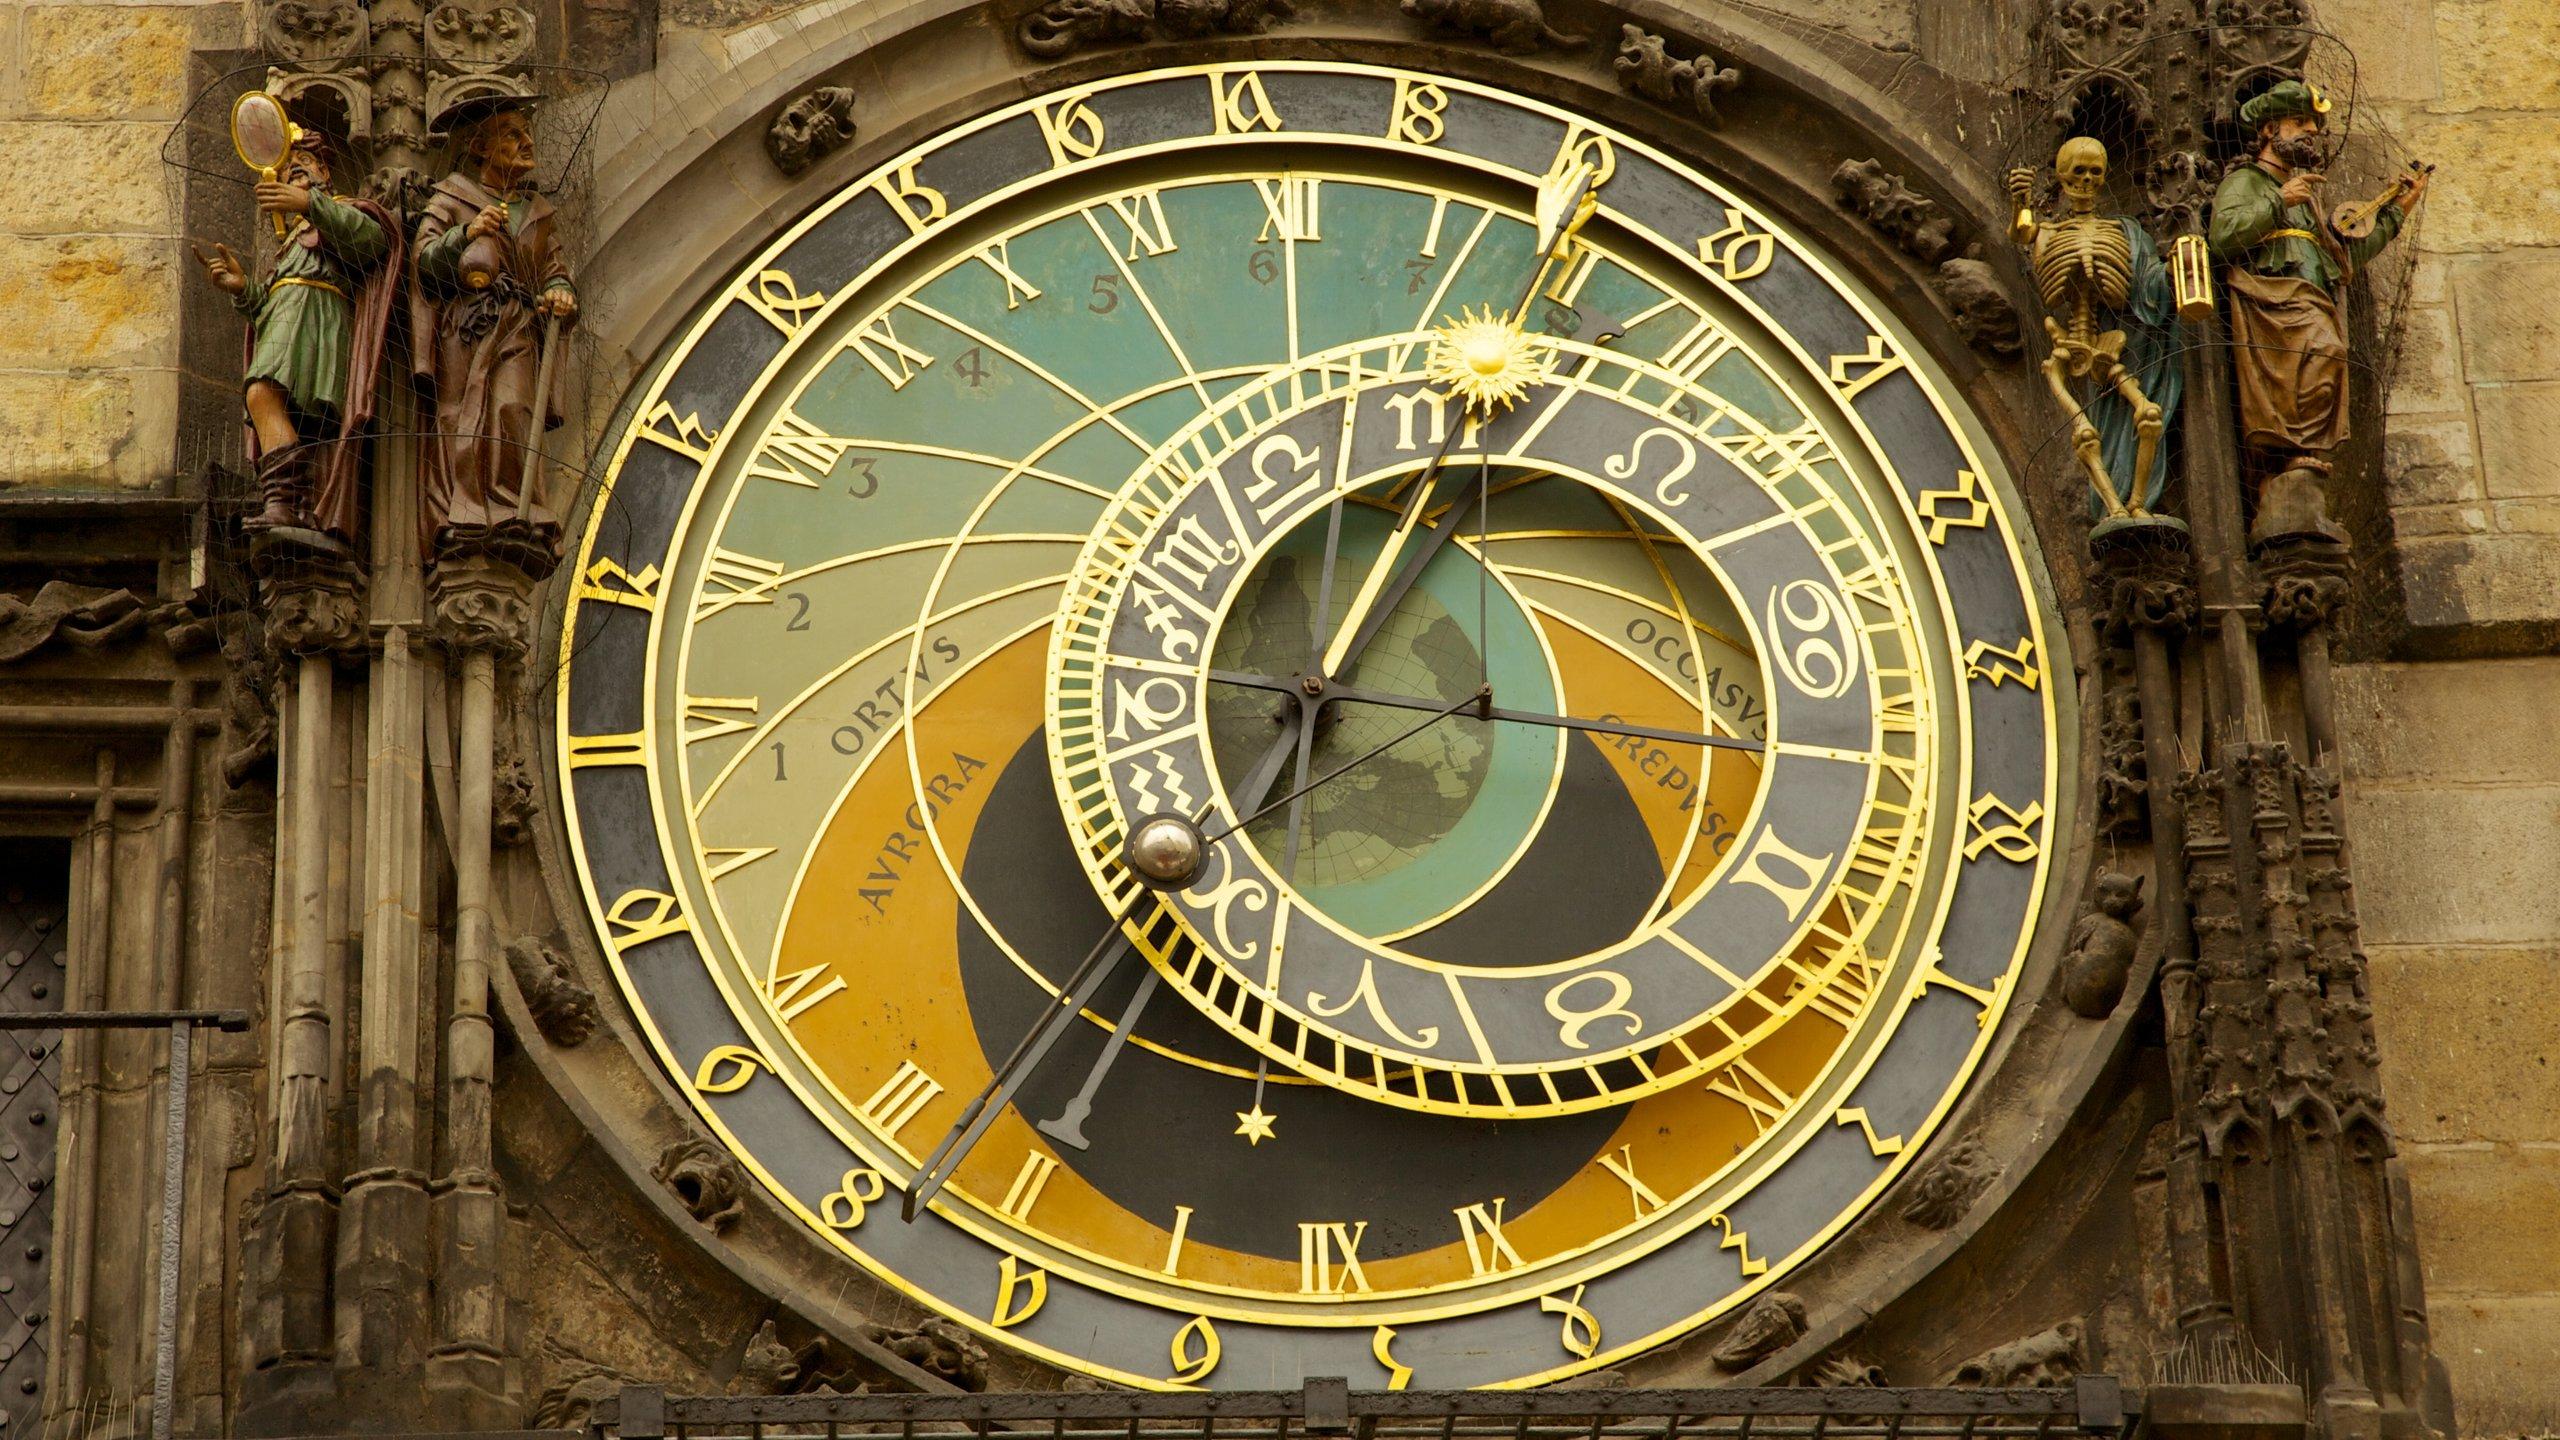 每小時一次的整點報時是舊城市政廳的 15 世紀早期代表作,每每吸引大量遊人圍觀,絕對是必看節目之一。